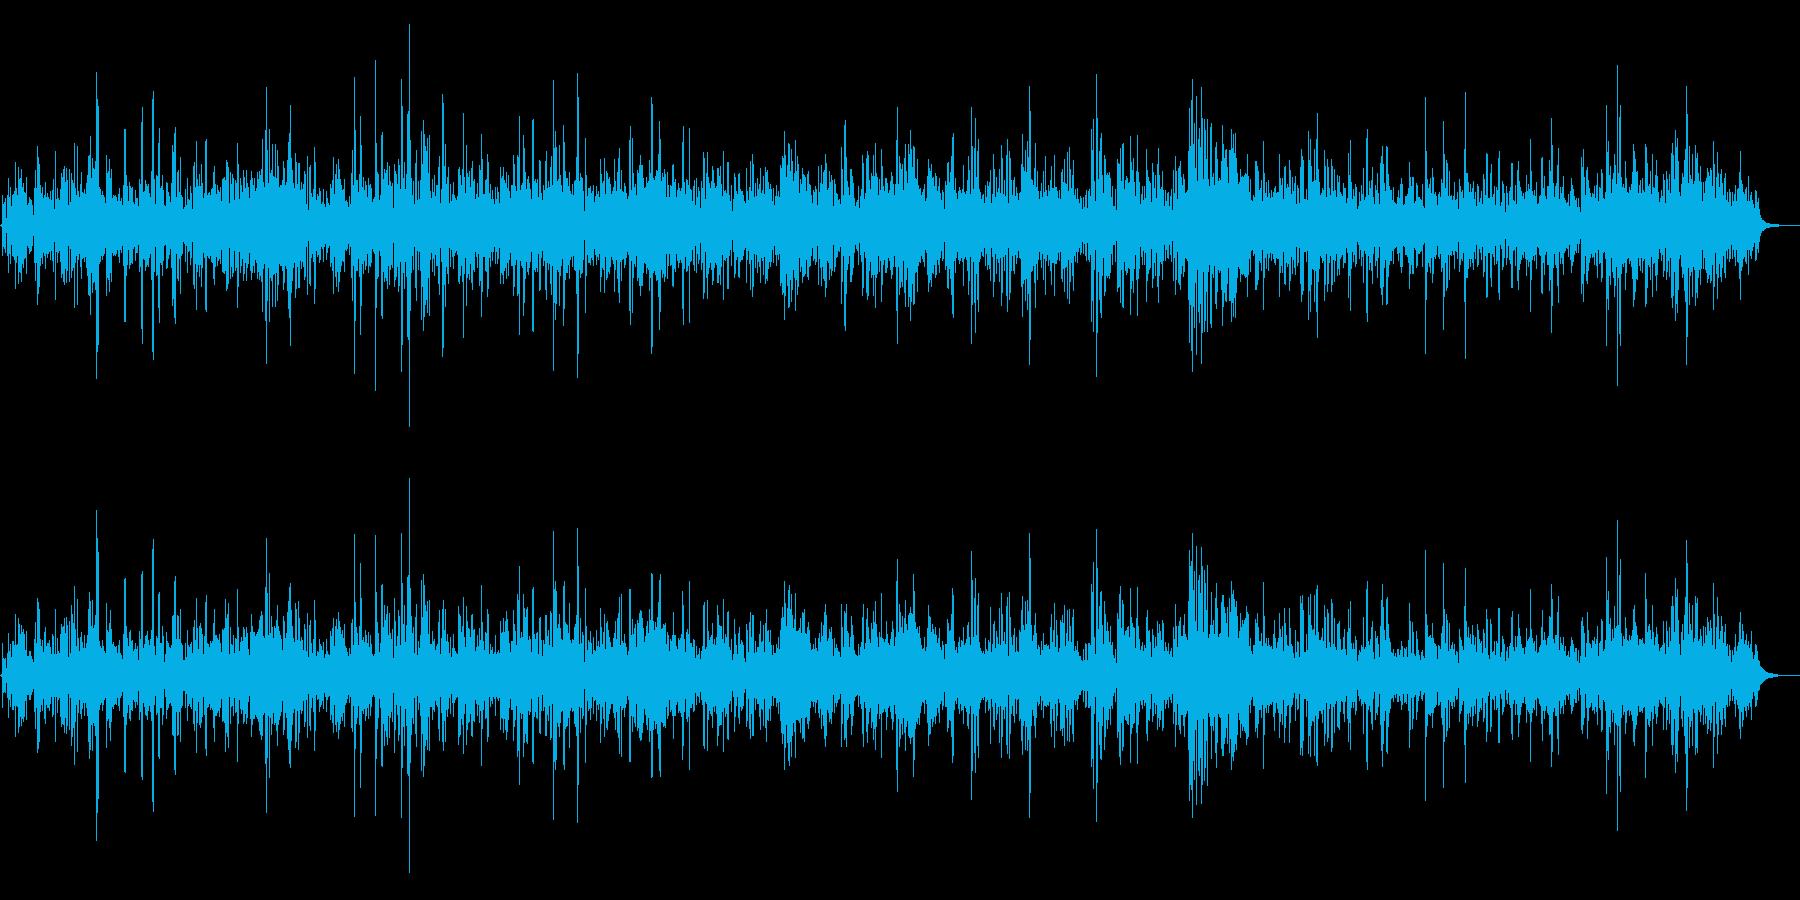 JAZZ お洒落を演出する上品な店舗音楽の再生済みの波形